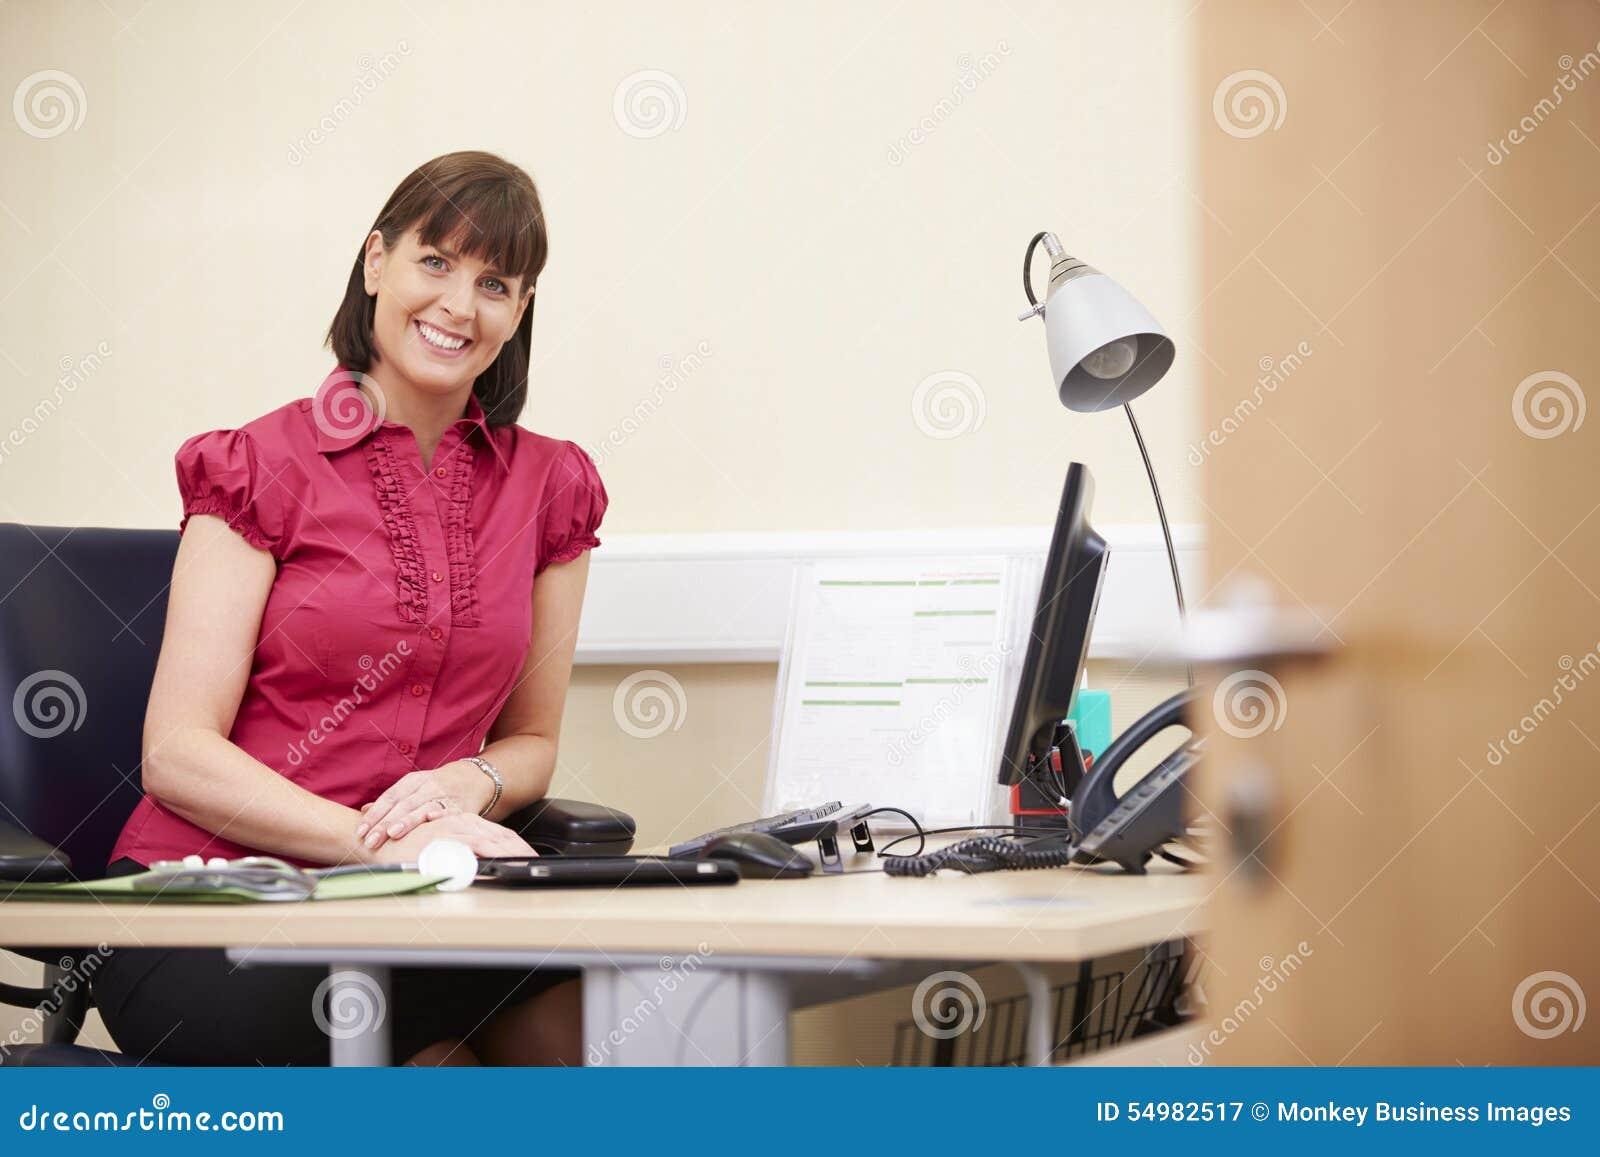 Stående av den kvinnliga konsulenten Working At Desk i regeringsställning